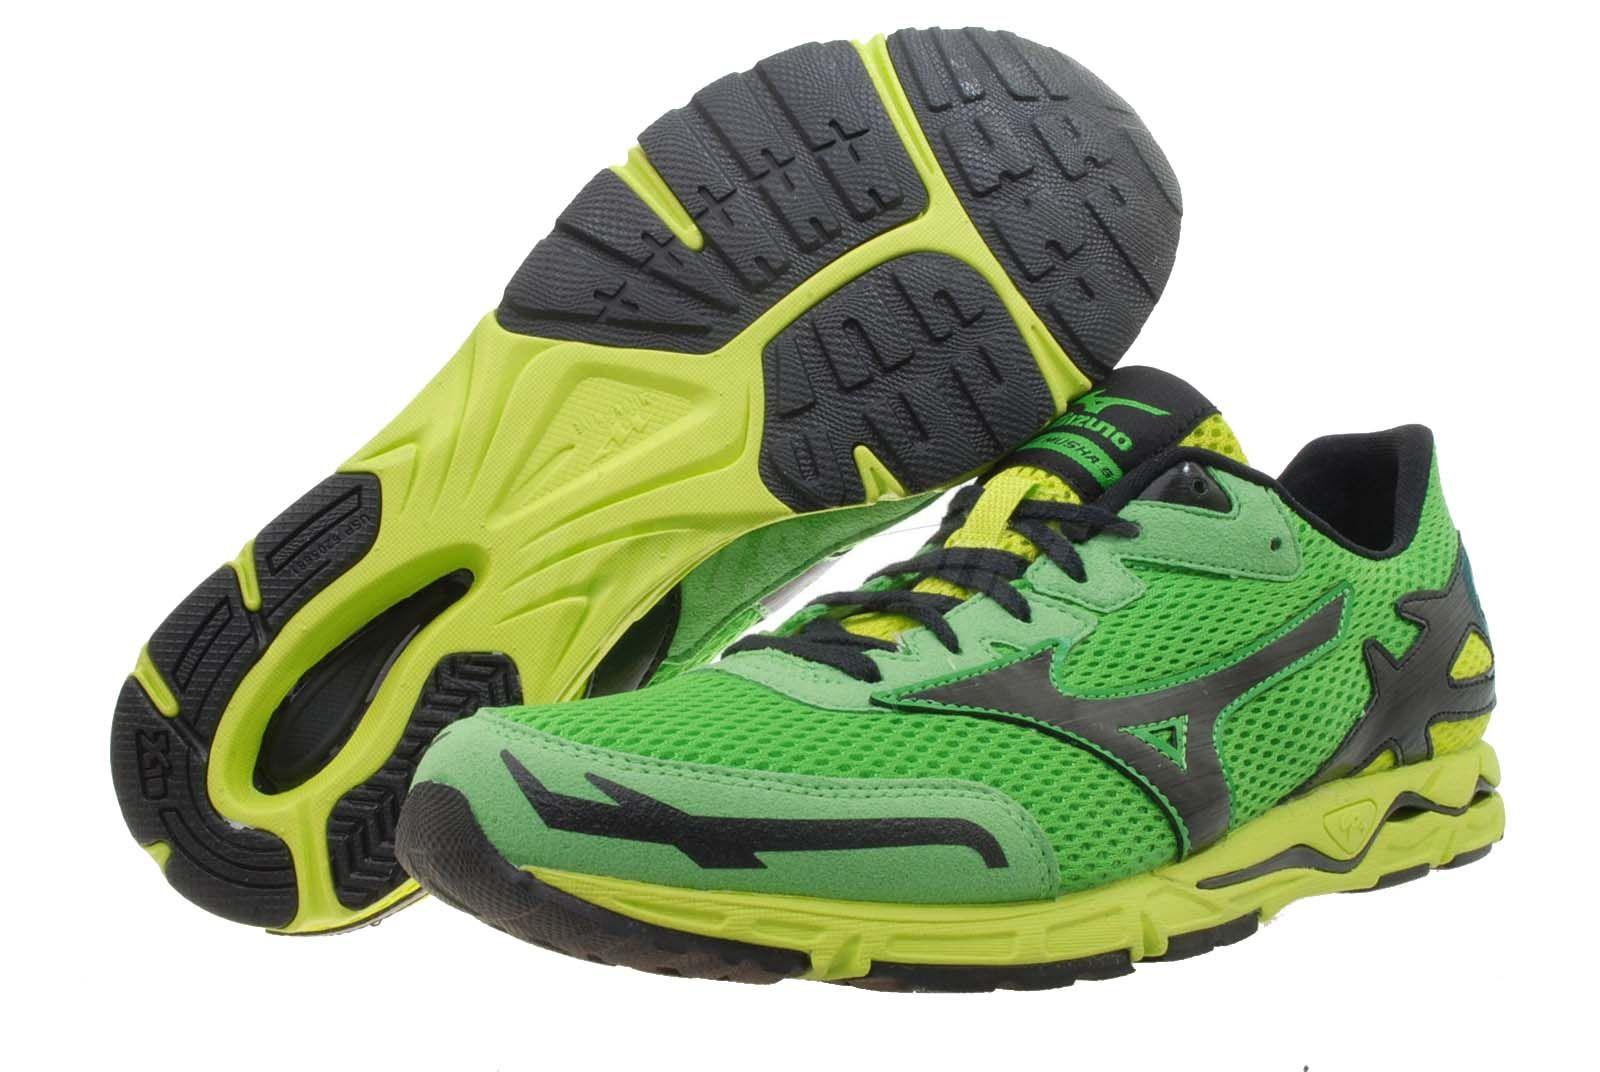 295f7f24e005 Mizuno Wave Musha 5 Green Mens Marathon Racing Running Shoes 8KS 36209 |  eBay